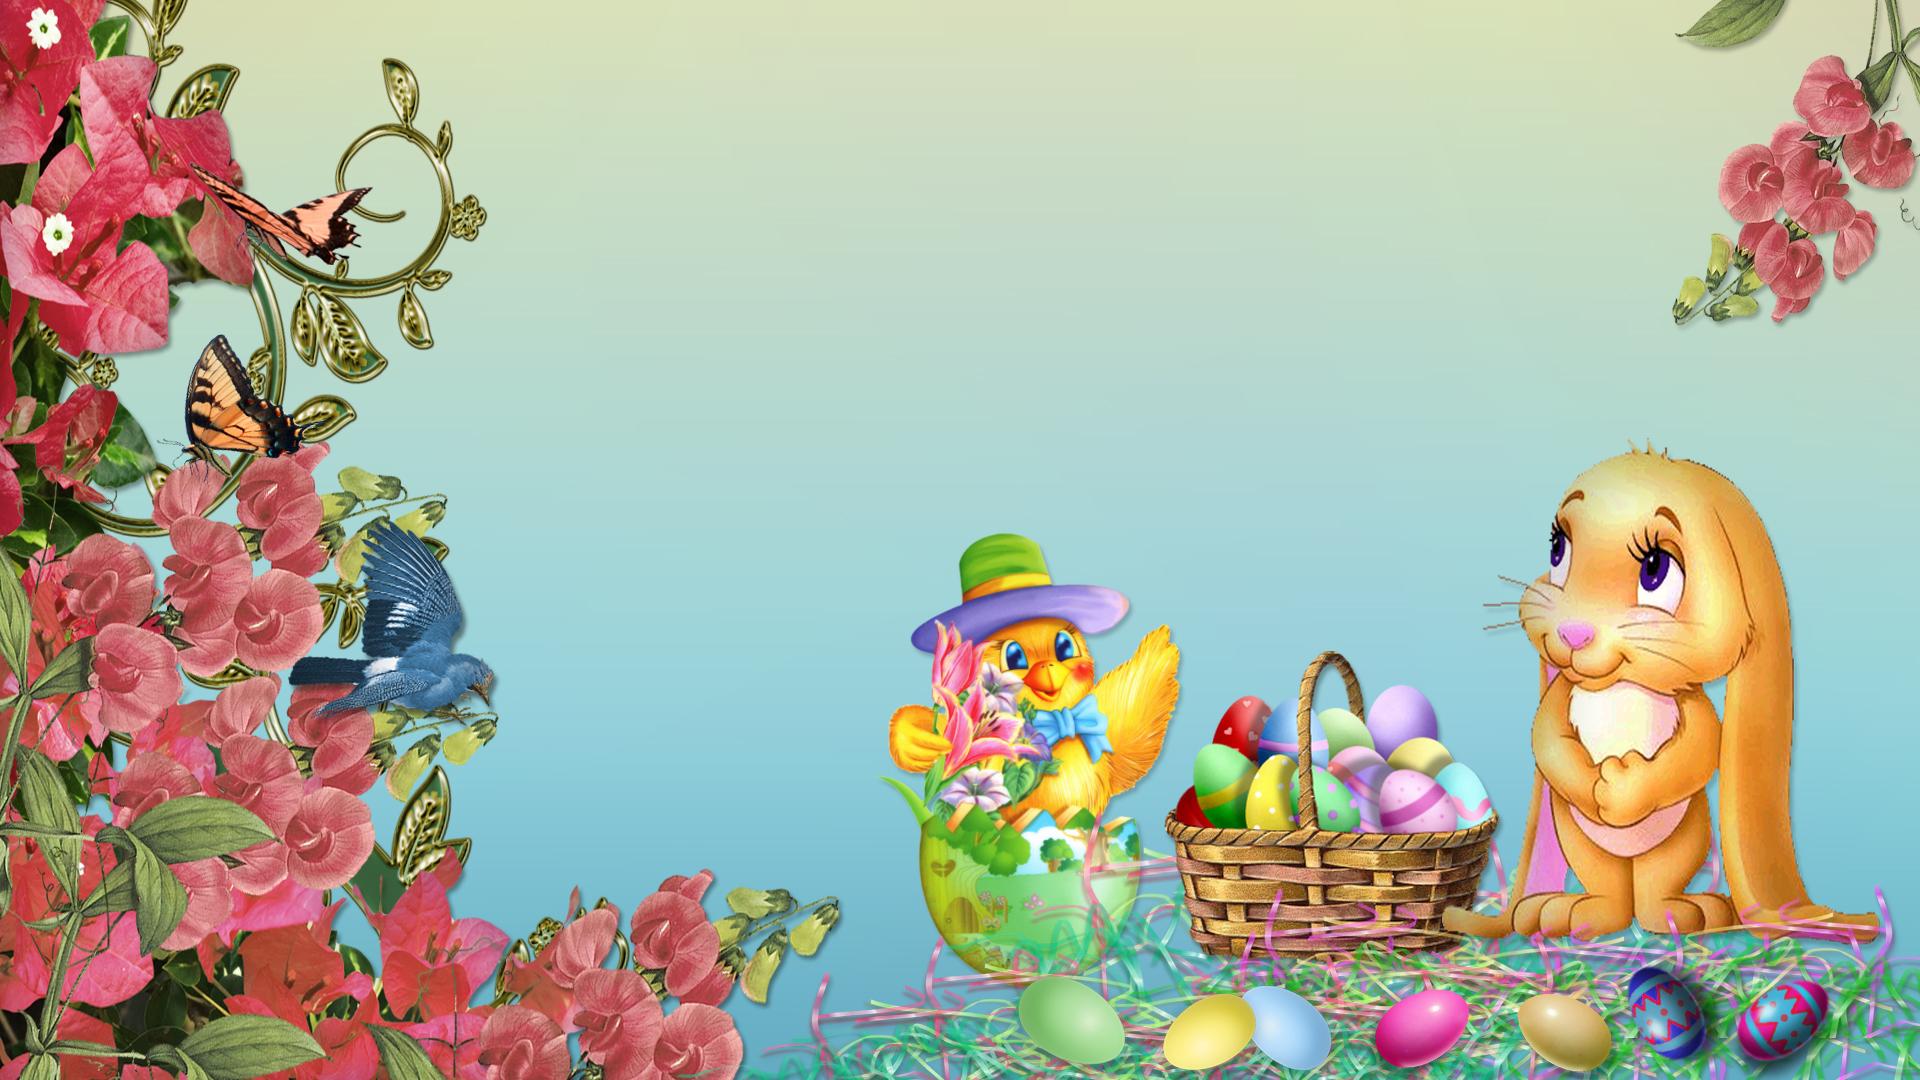 Easter Wallpaper For Facebook Wallpapersafari